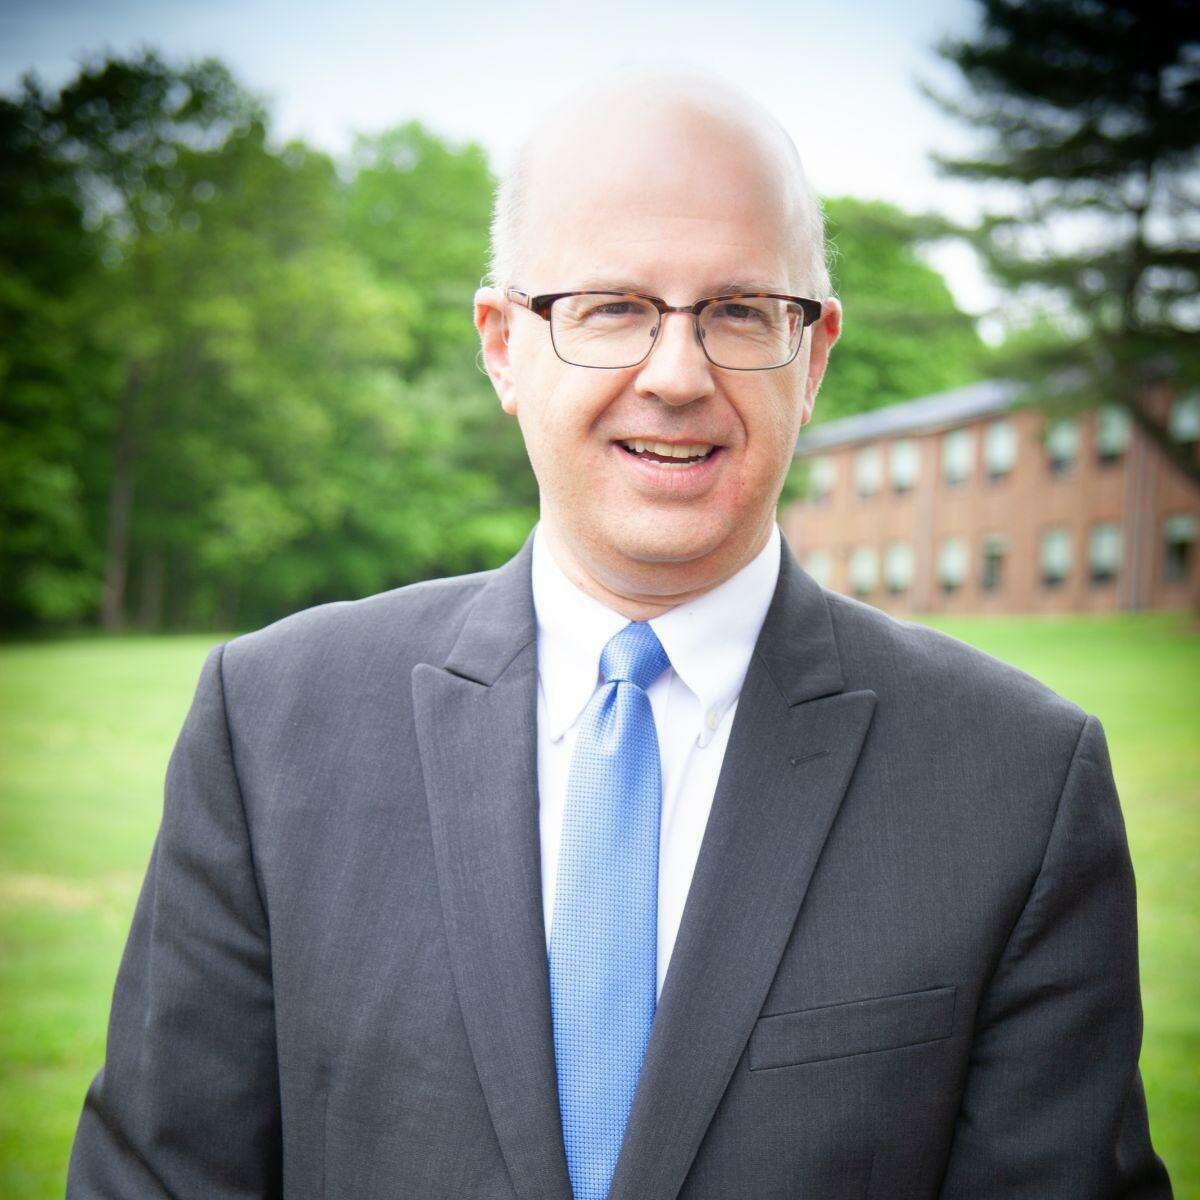 Steve Minkler is president of Middlesex Community College.